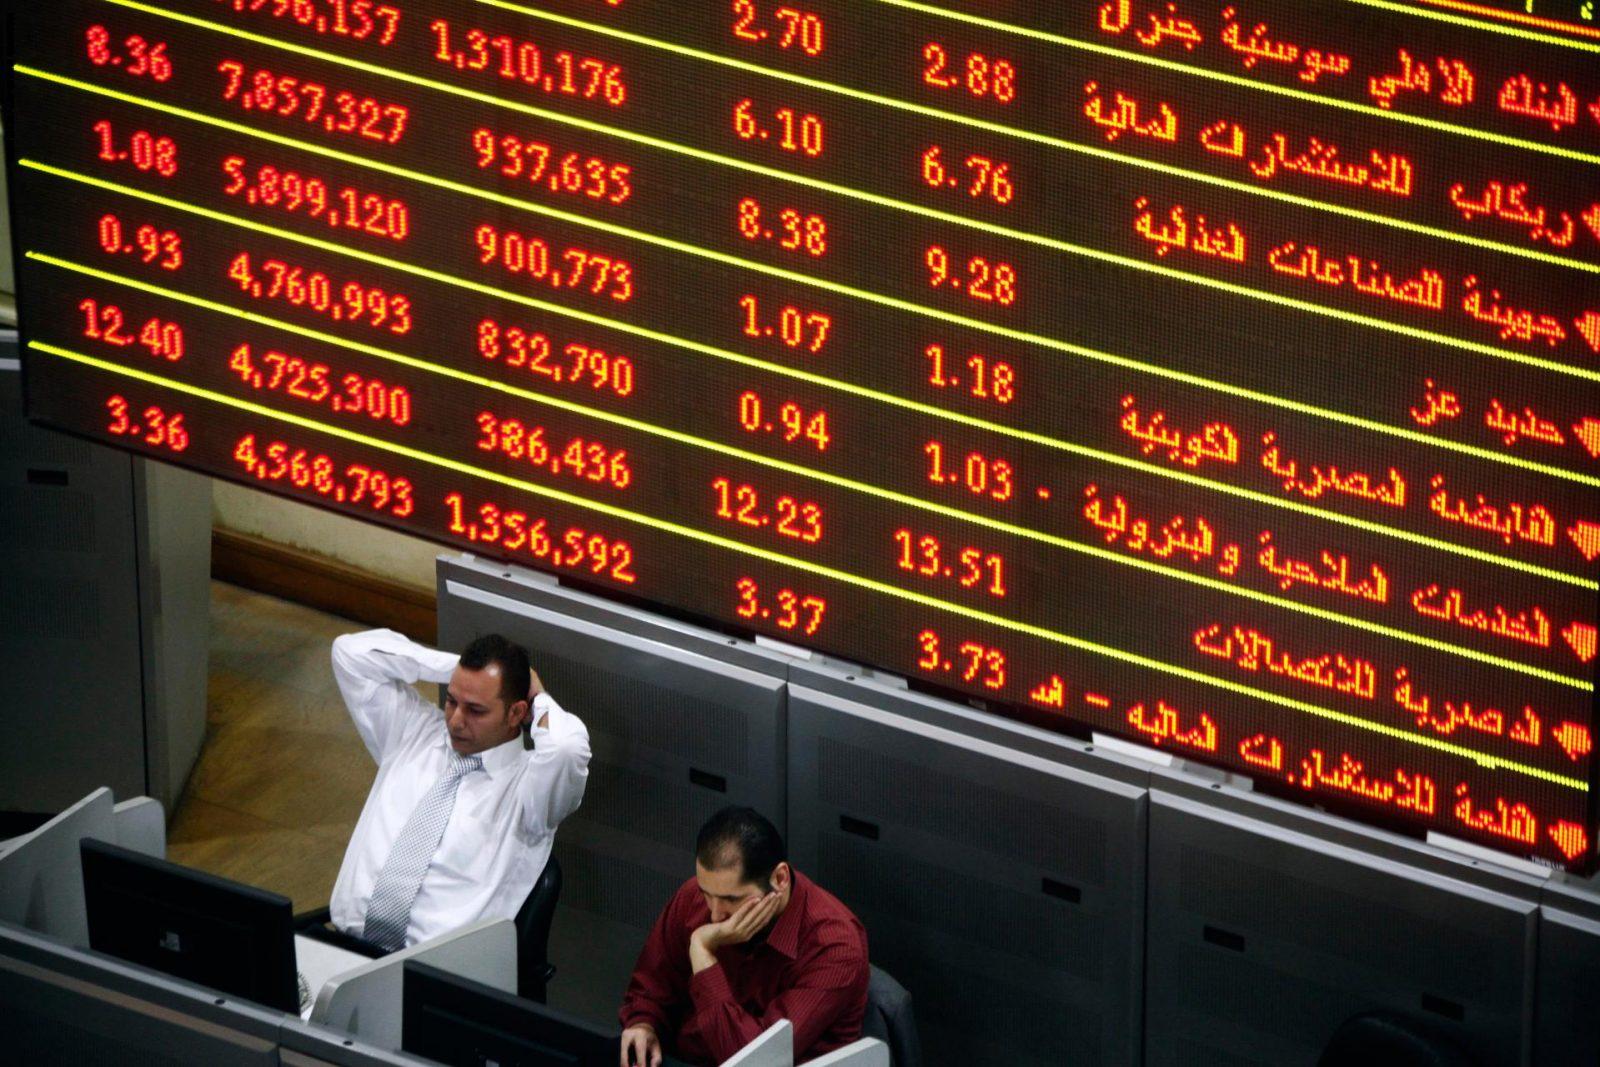 كورونا يضرب البورصة والتراجعات تصل إلى 46% ببعض الأسهم الأسبوع الماضي - جريدة المال